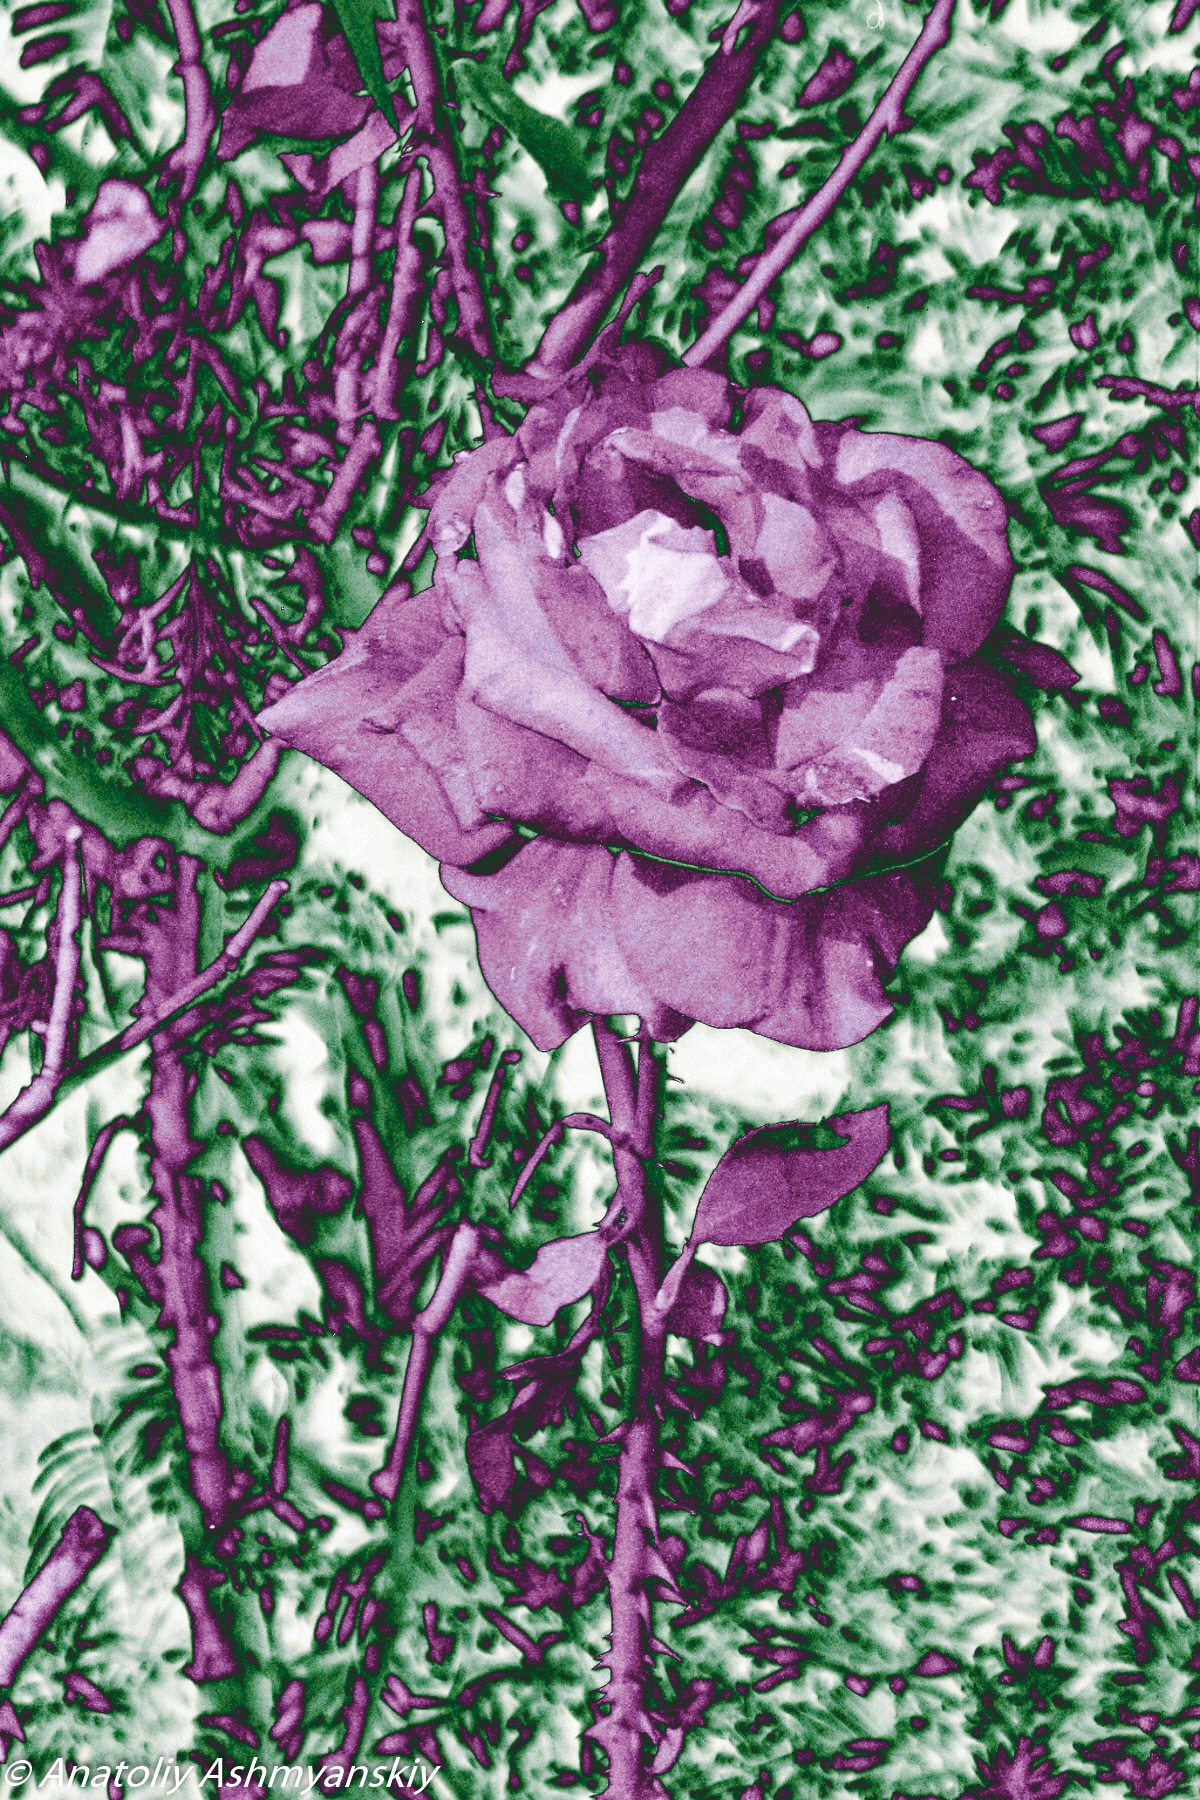 Rose 1 by Anatoliy Ashmyanskiy